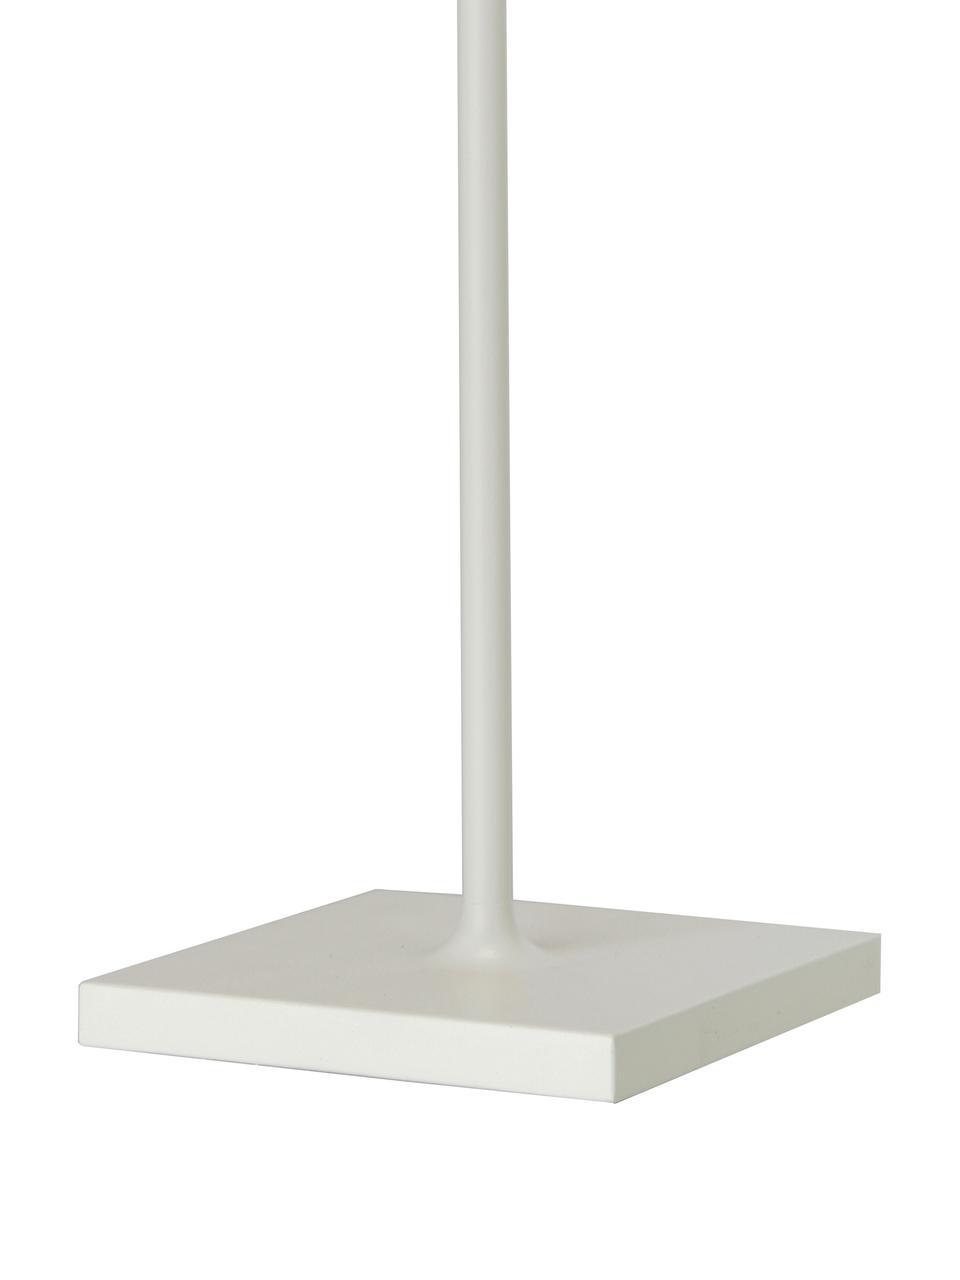 Mobile LED-Außentischleuchte Trellia, Aluminium, lackiert, Weiß, Ø 15 x H 38 cm